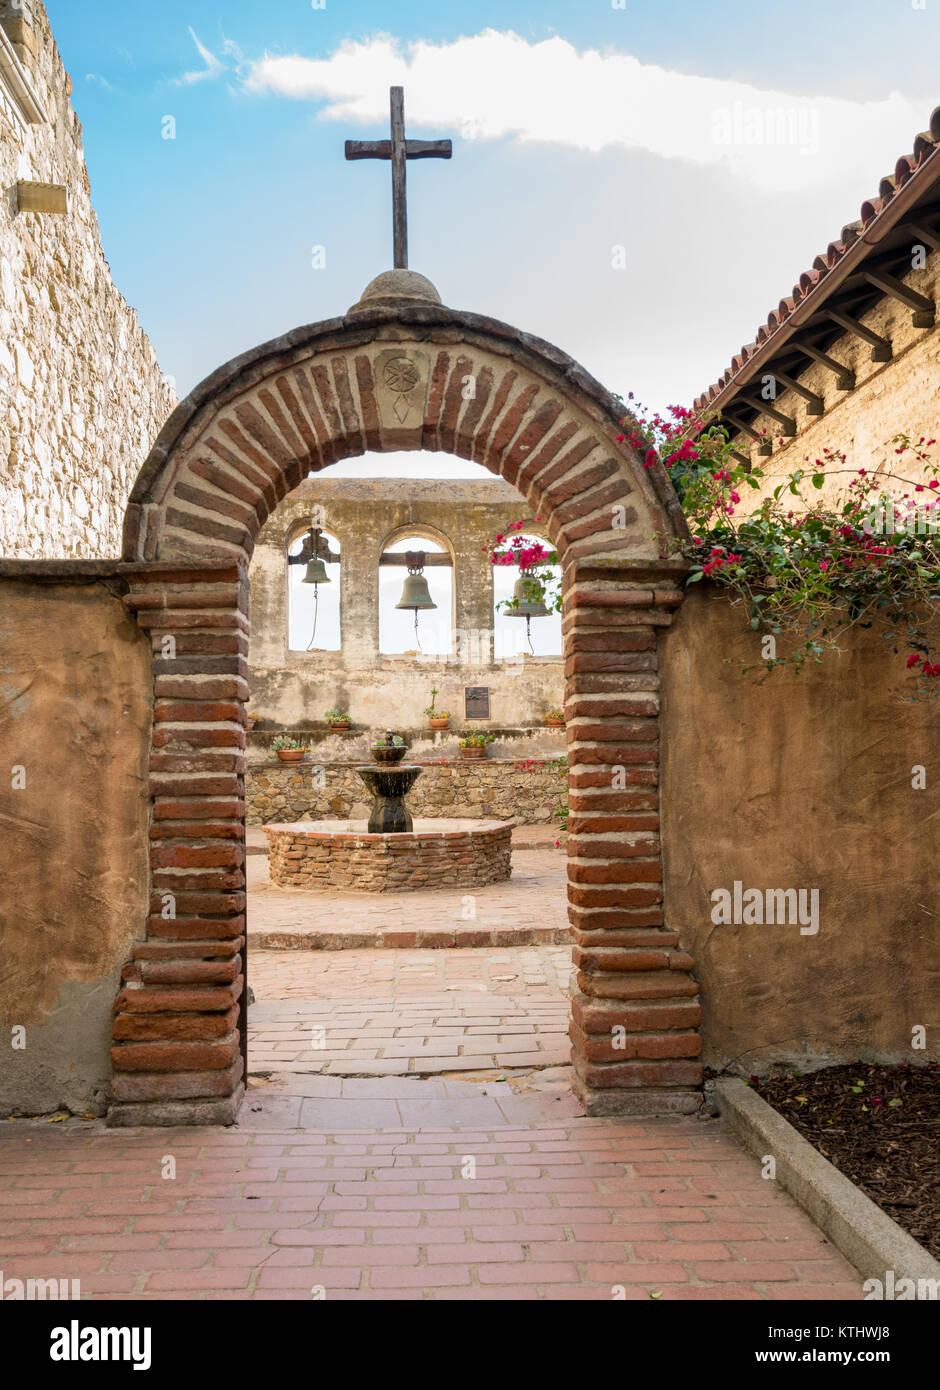 Courtyard Fountain California Stock Photos Amp Courtyard